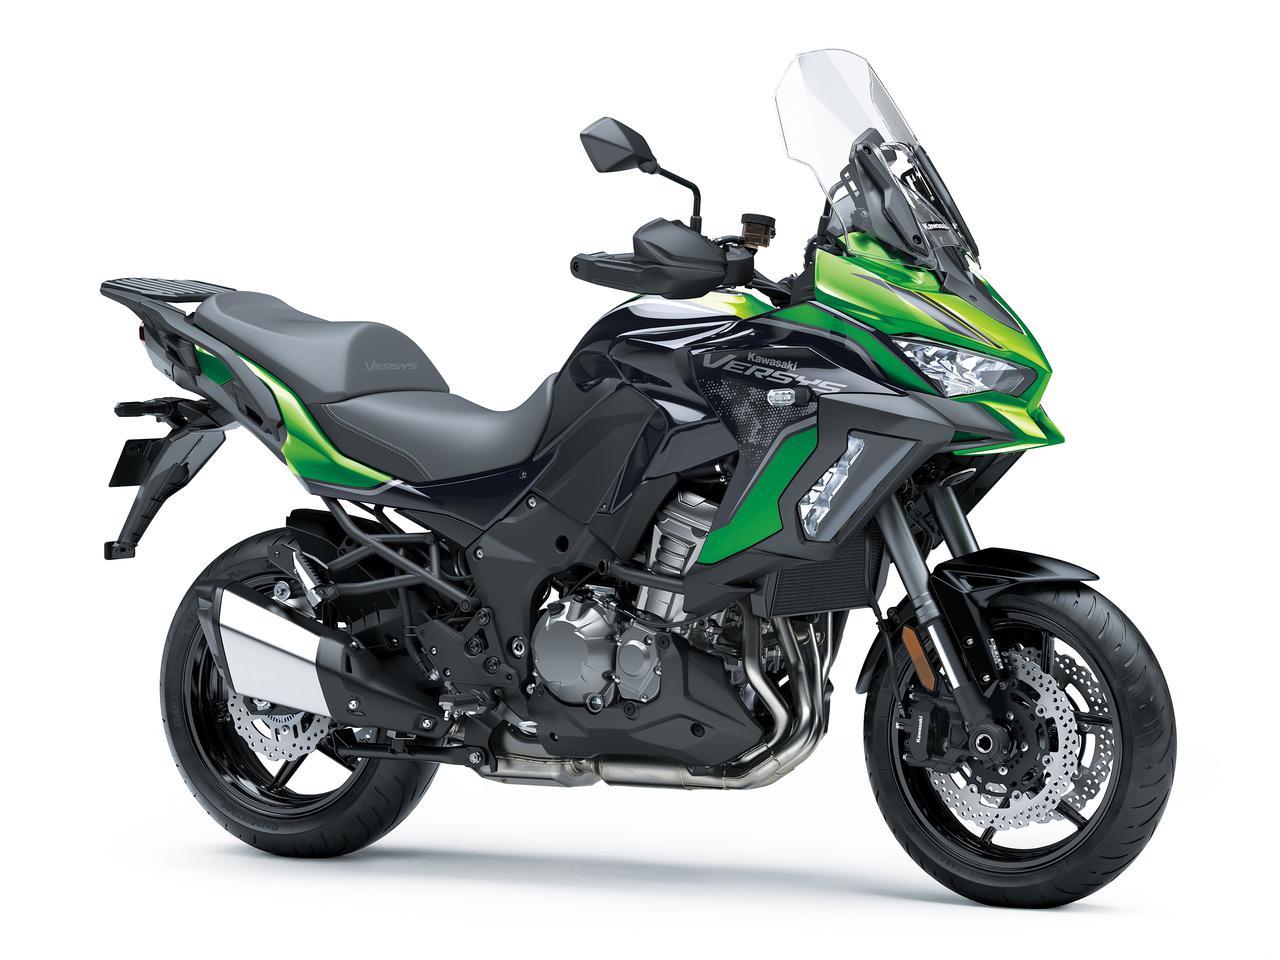 画像: Kawasaki VERSYS 1000 SE 2021年モデル 総排気量:1043cc エンジン形式:水冷4ストDOHC4バルブ並列4気筒 シート高:820mm 車両重量:257kg 発売日:2021年7月16日(金) 税込価格:199万1000円